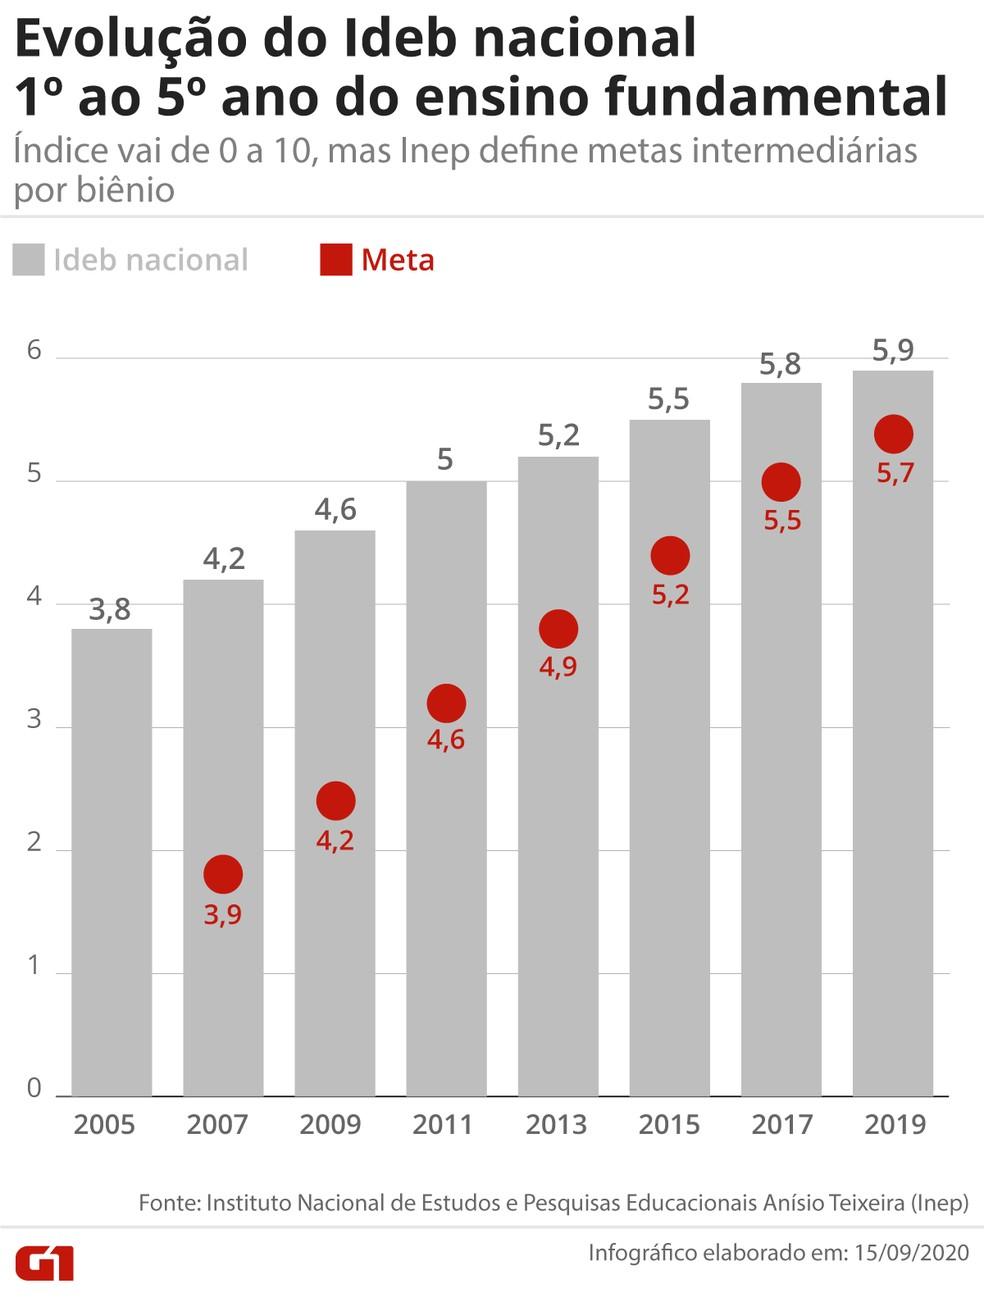 Ideb 2019 do Ensino Fundamental: o Brasil bateu a meta para os primeiros anos de aprendizagem (até o 5ª ano) pela sétima vez seguida, desde que o índice foi criado em 2005, com edição a cada dois anos.  — Foto: Infografia/G1